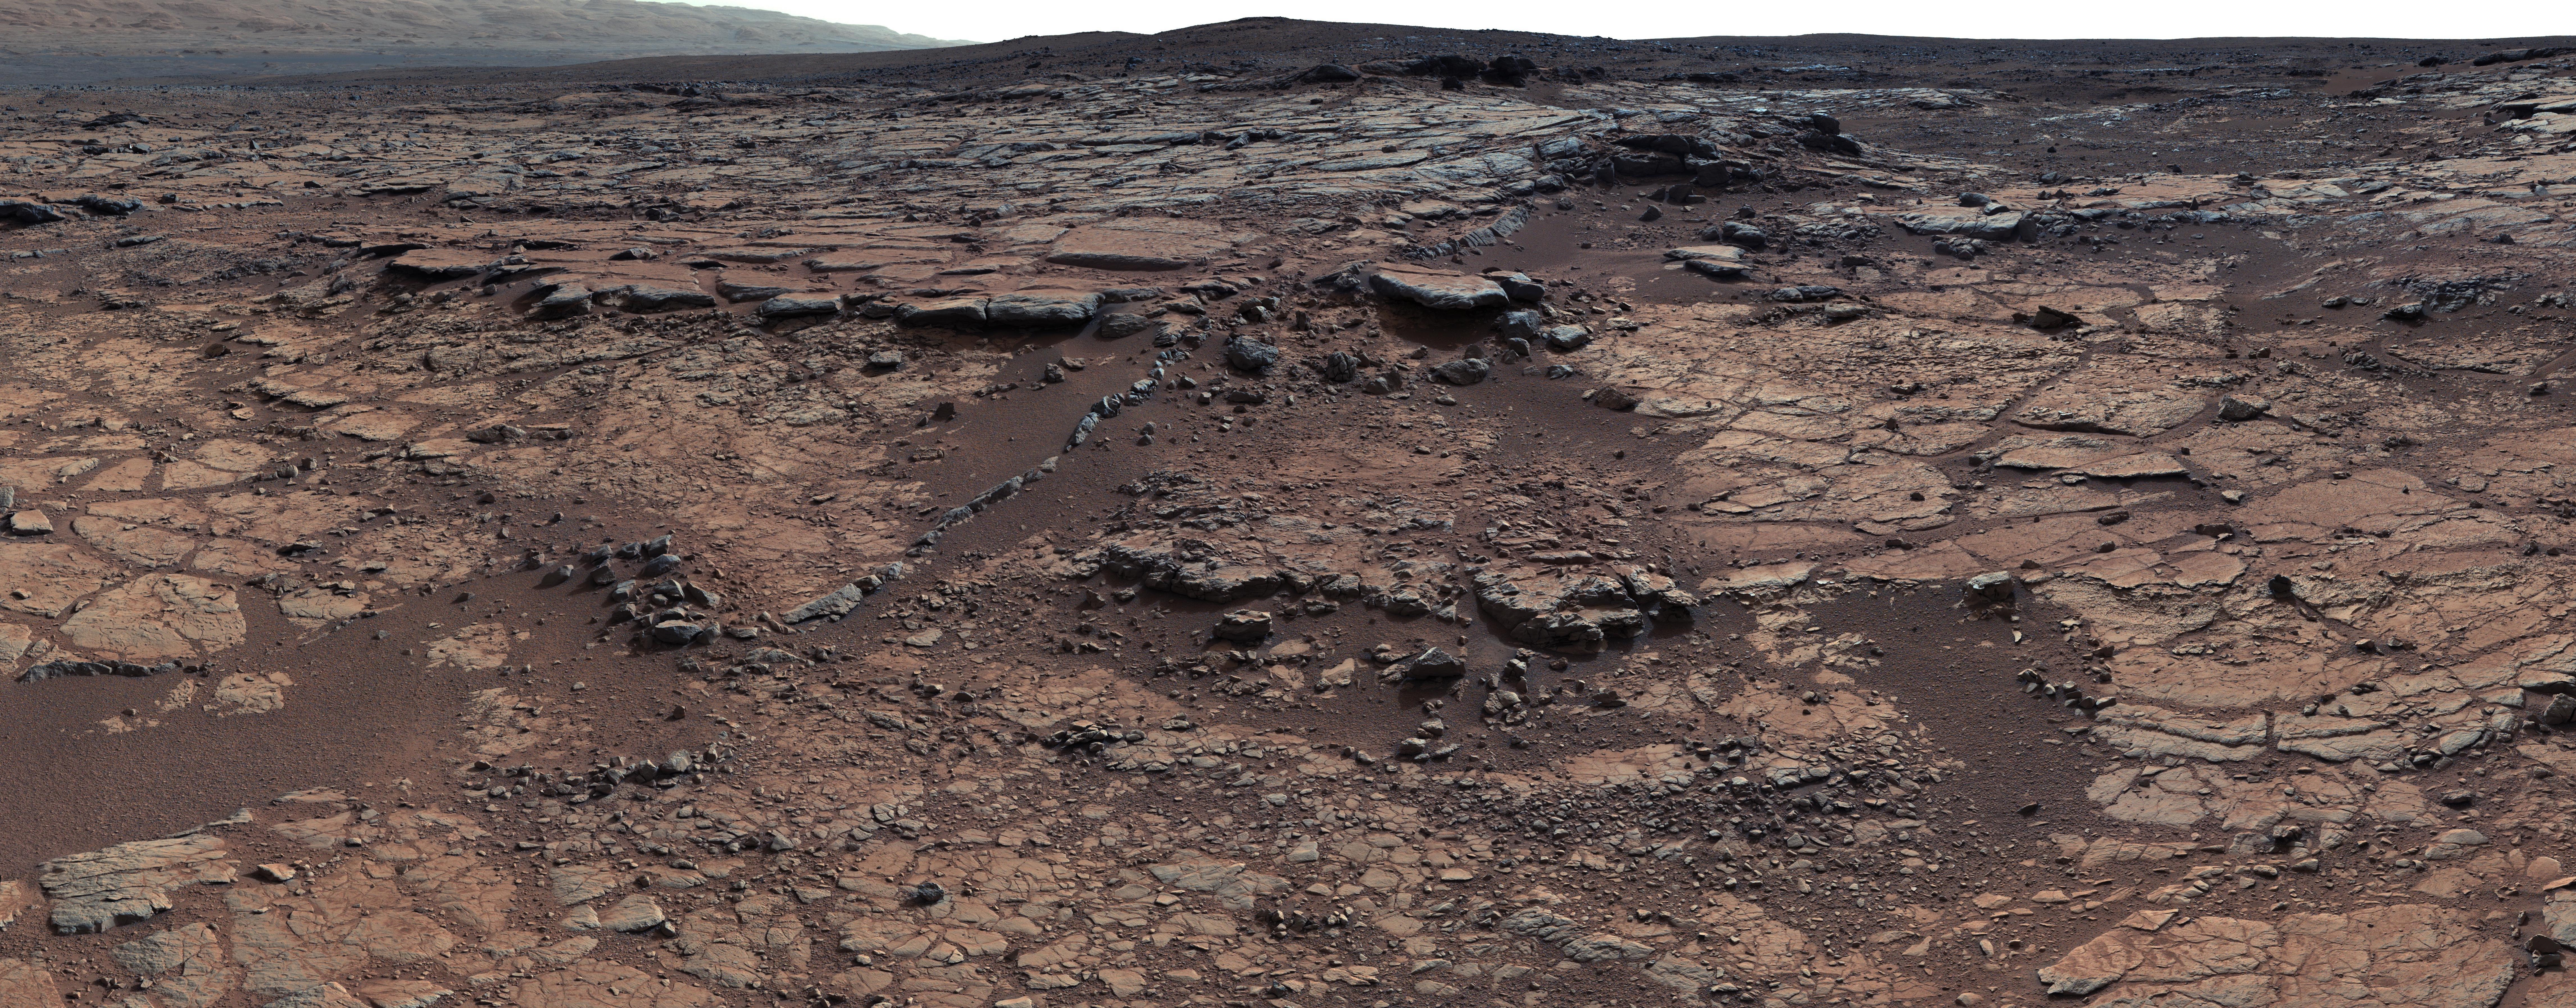 NASA's Curiosity Rover Sharpens Paradox of Ancient Mars | NASA